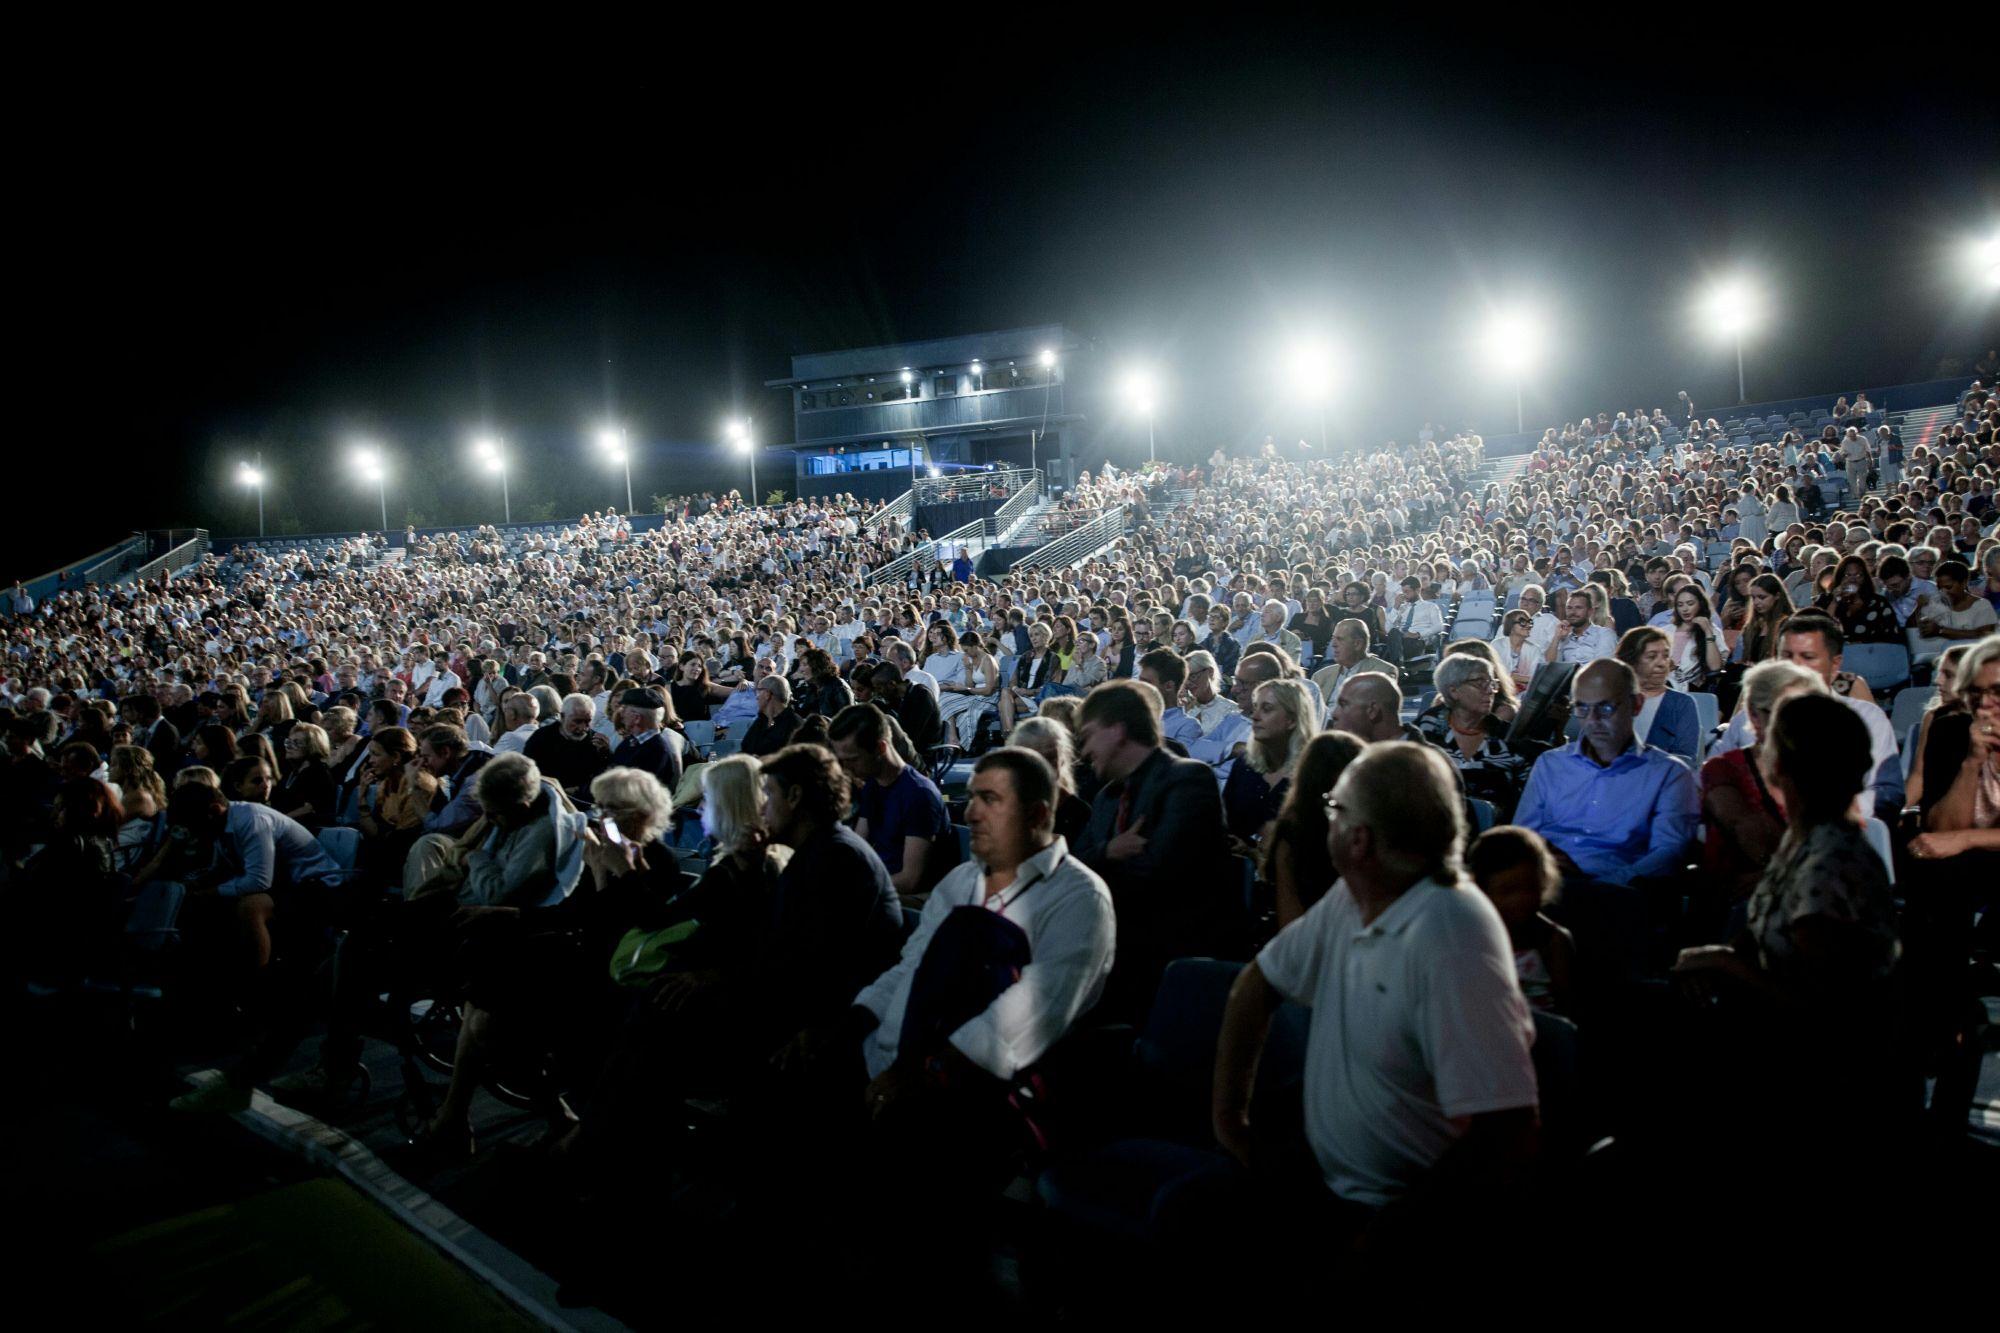 Spettatori da tutto il mondo: si chiude con il segno + la 64 edizione del Festival Puccini di Torre del Lago